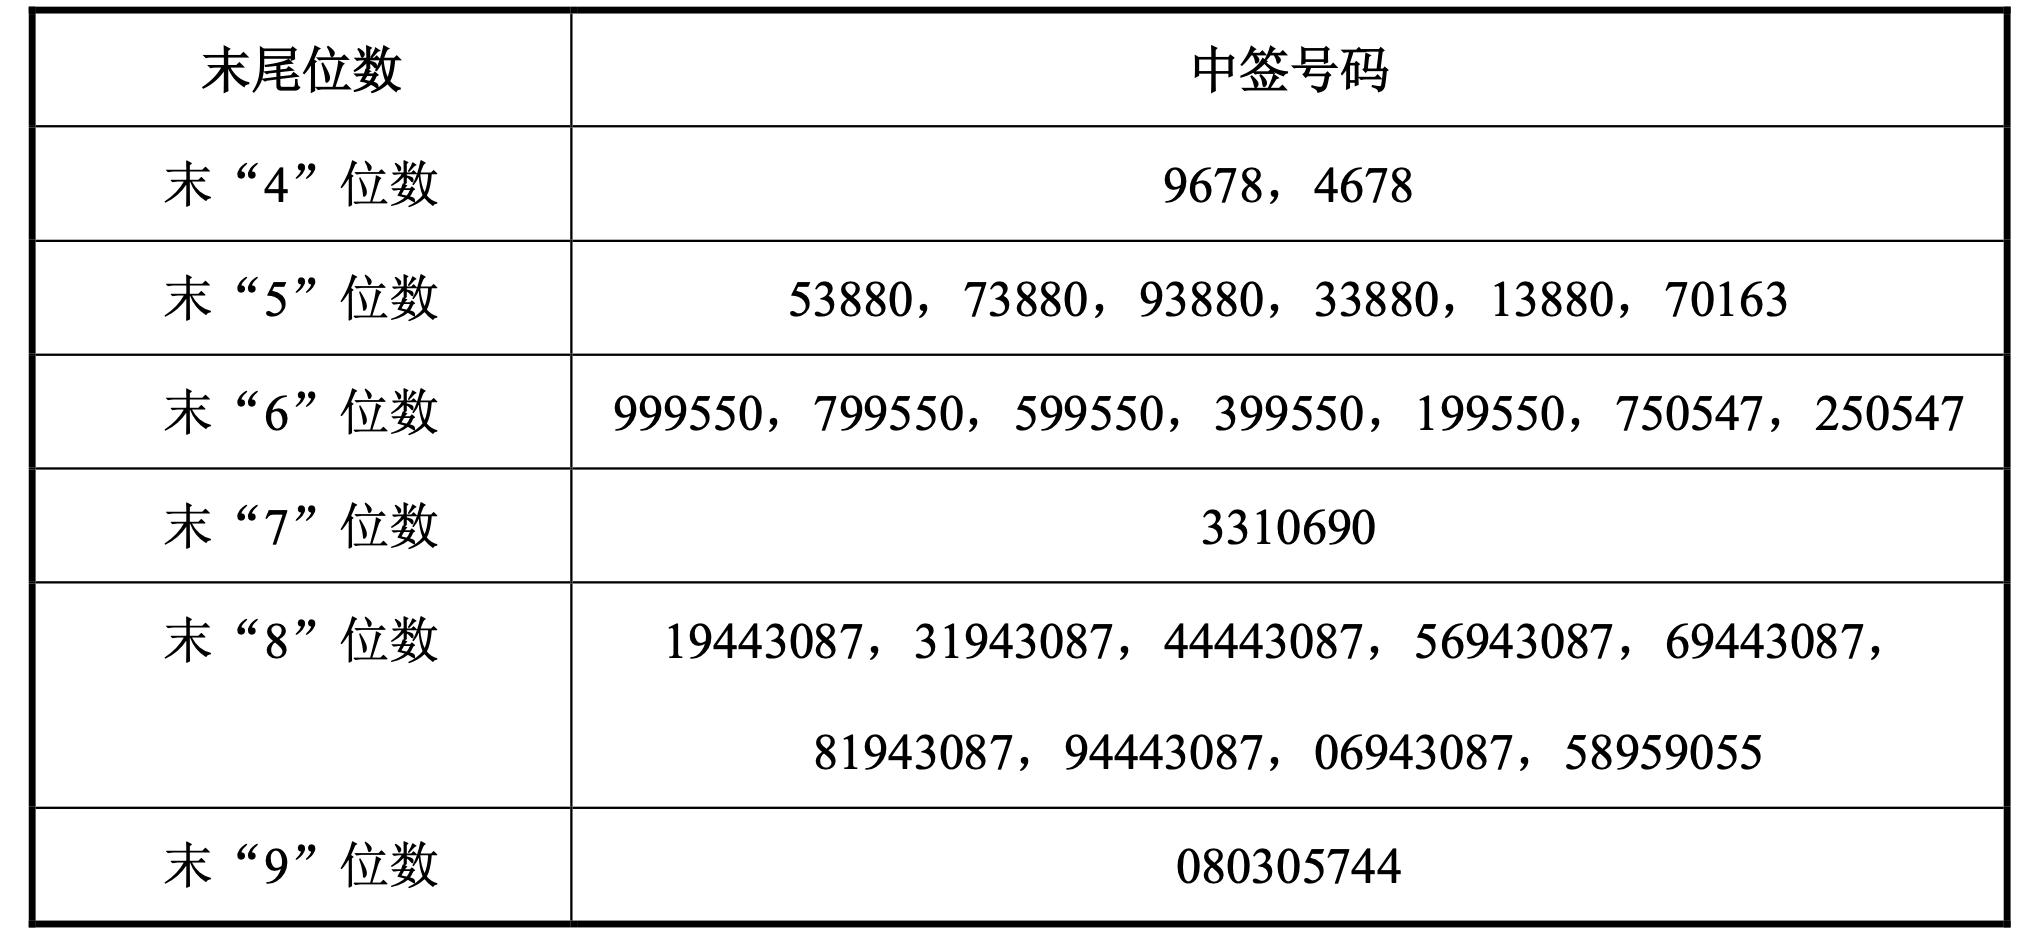 总共发布了27,810种新四方材料